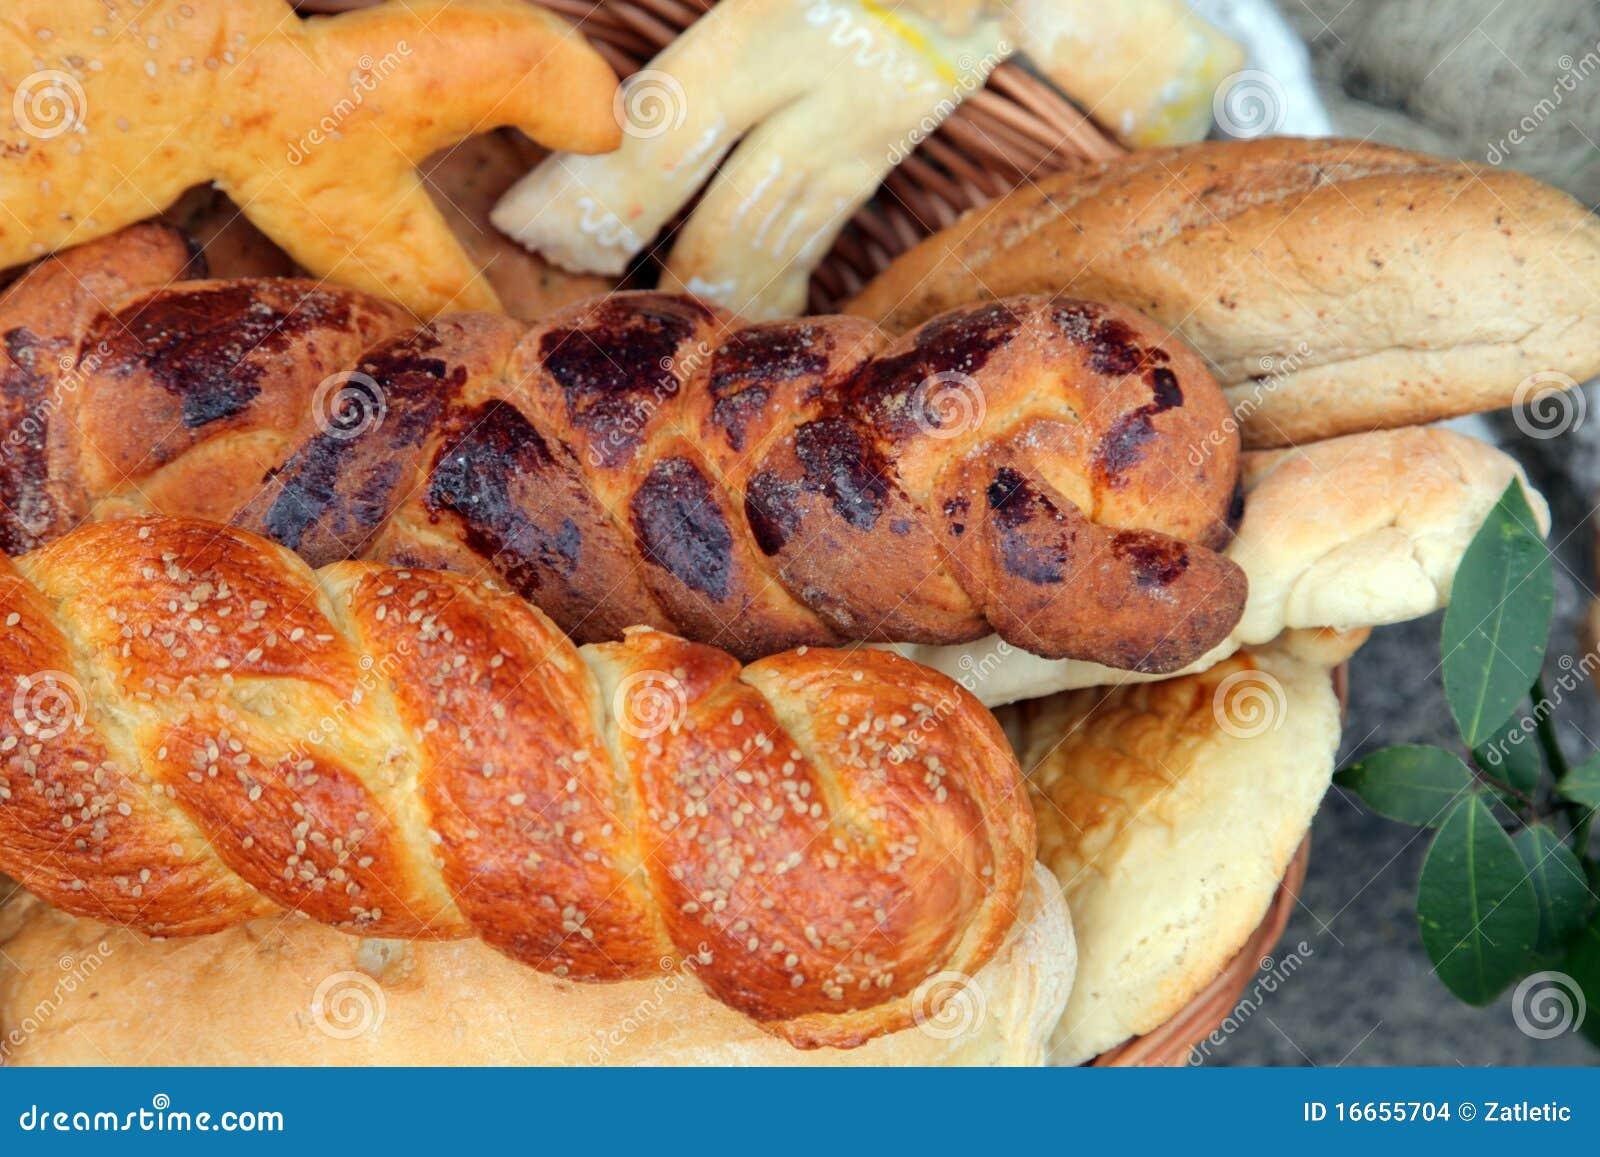 Delicious homemade christmas bread stock images image 16655704 - Make delicious sweet bread christmas ...